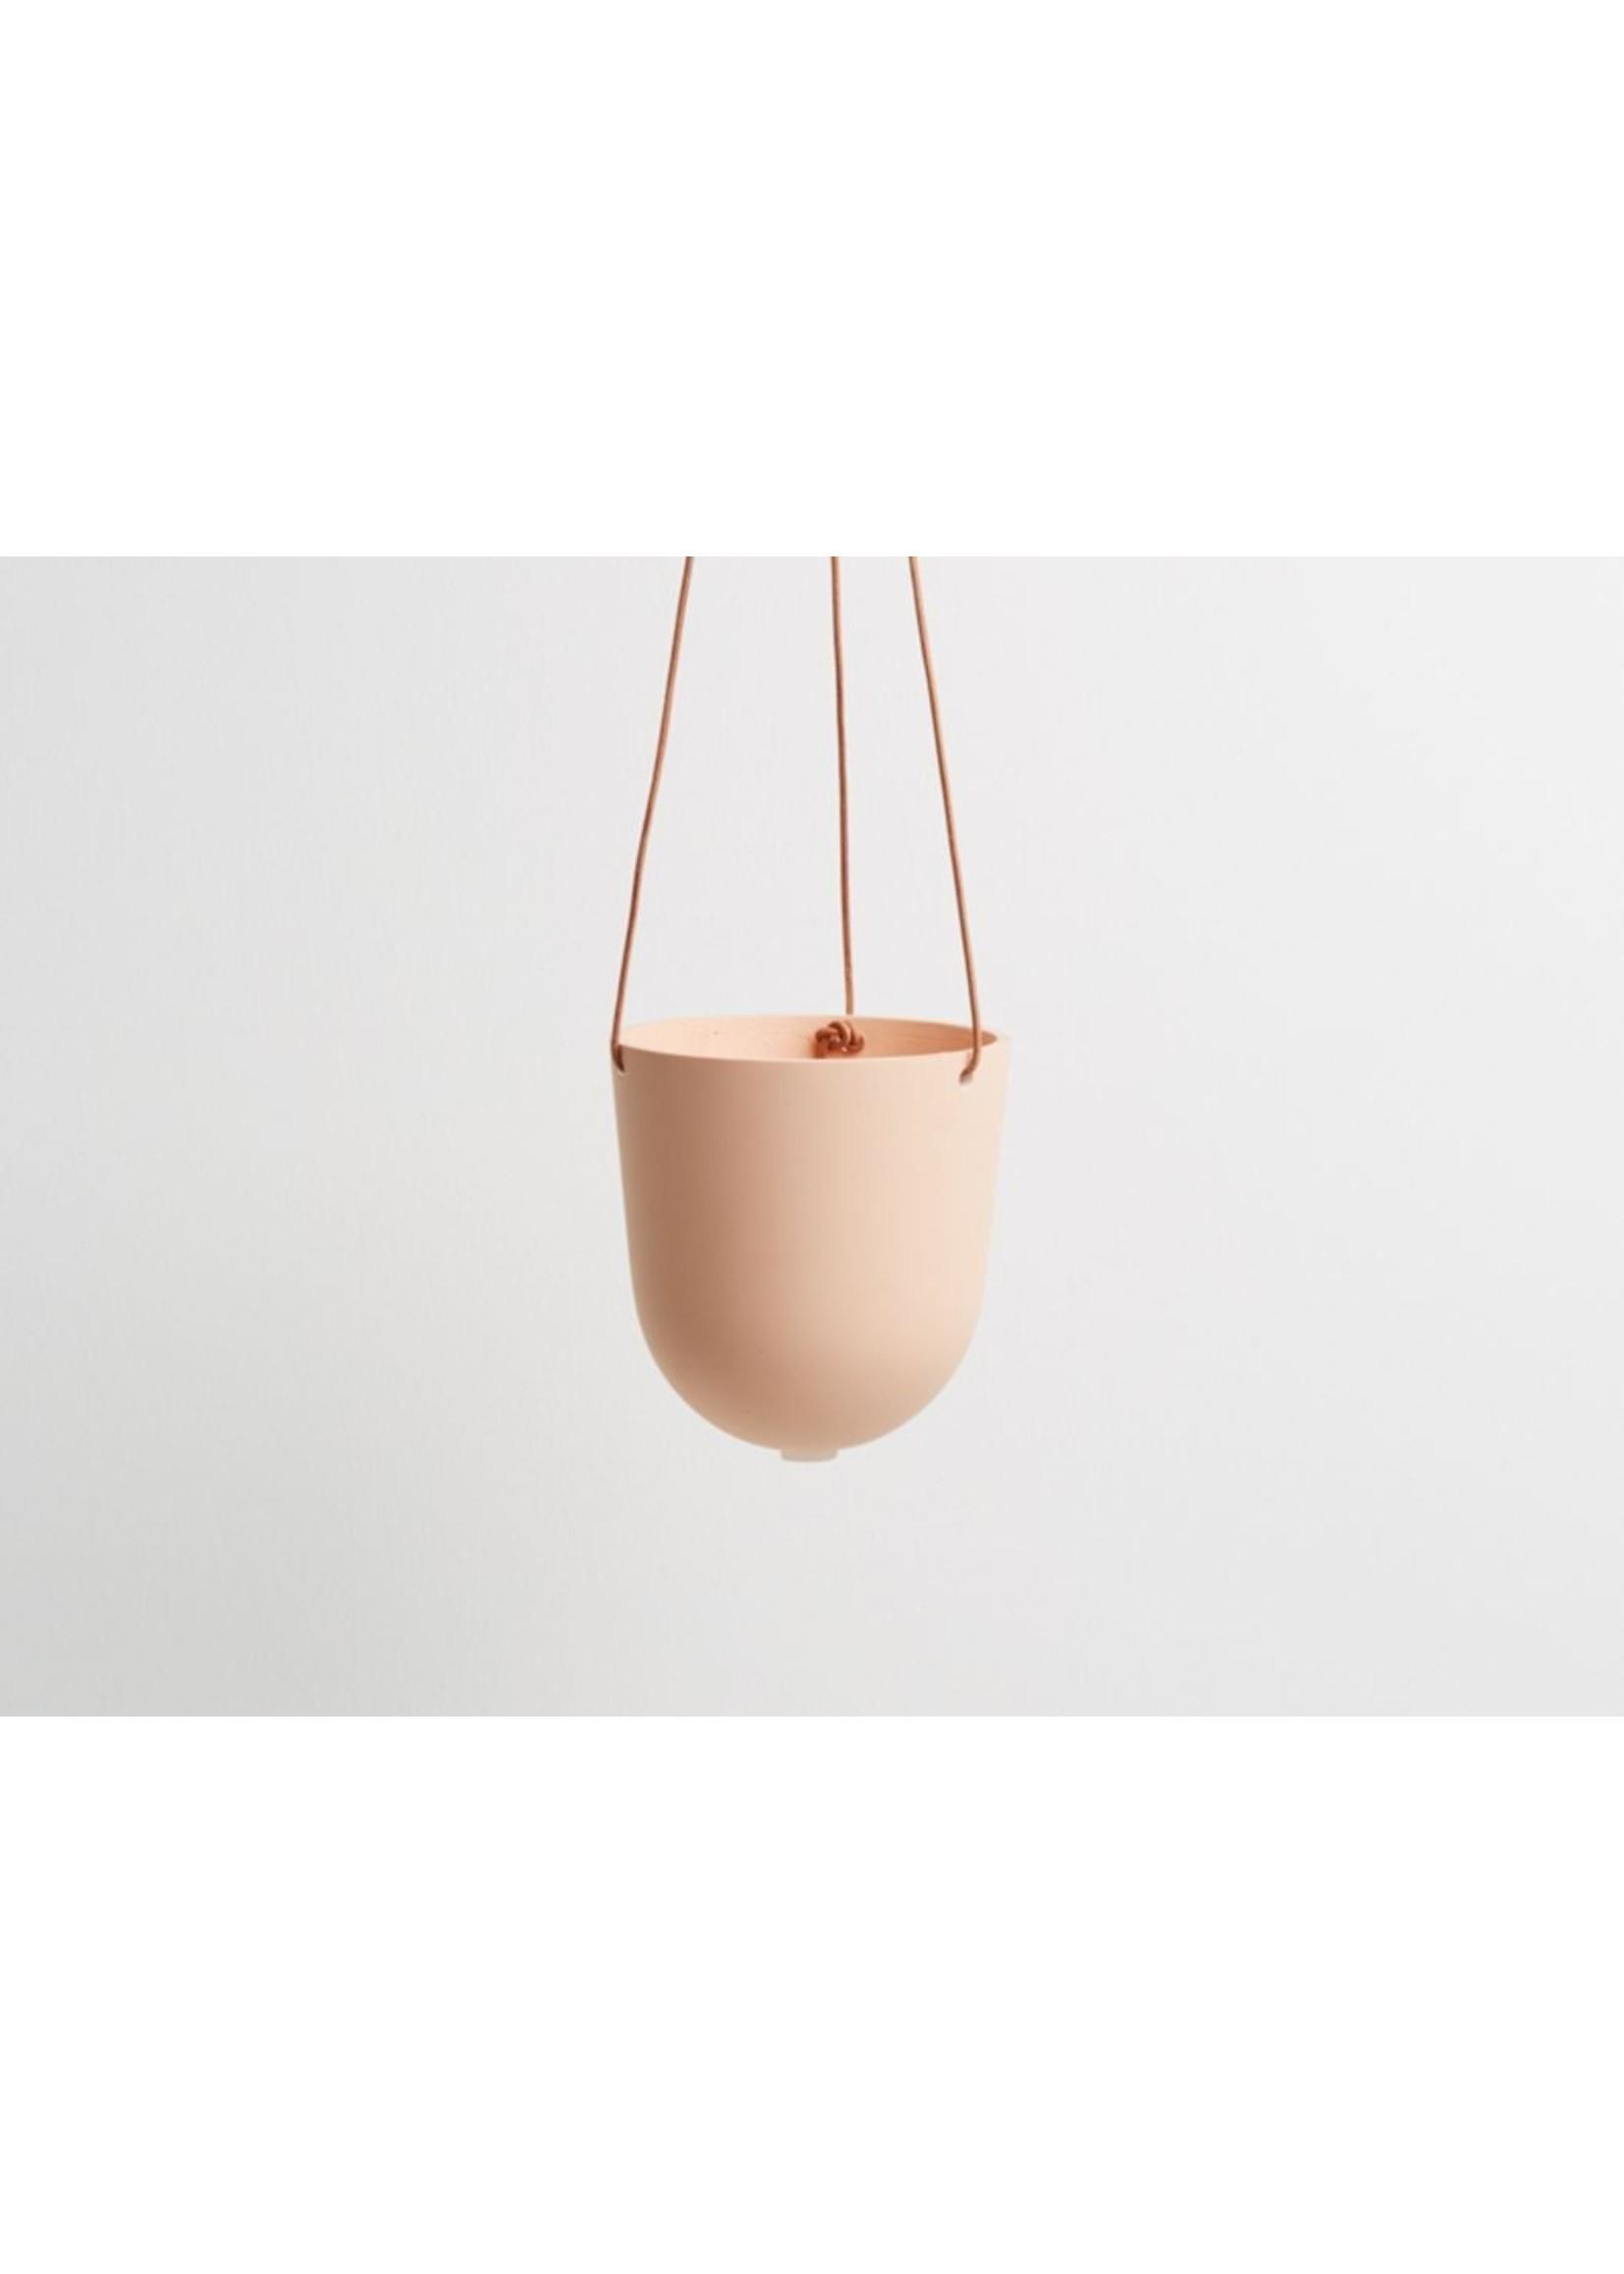 Capra Designs Capra Designs Block Colour Hanging Planter Salt/Peach